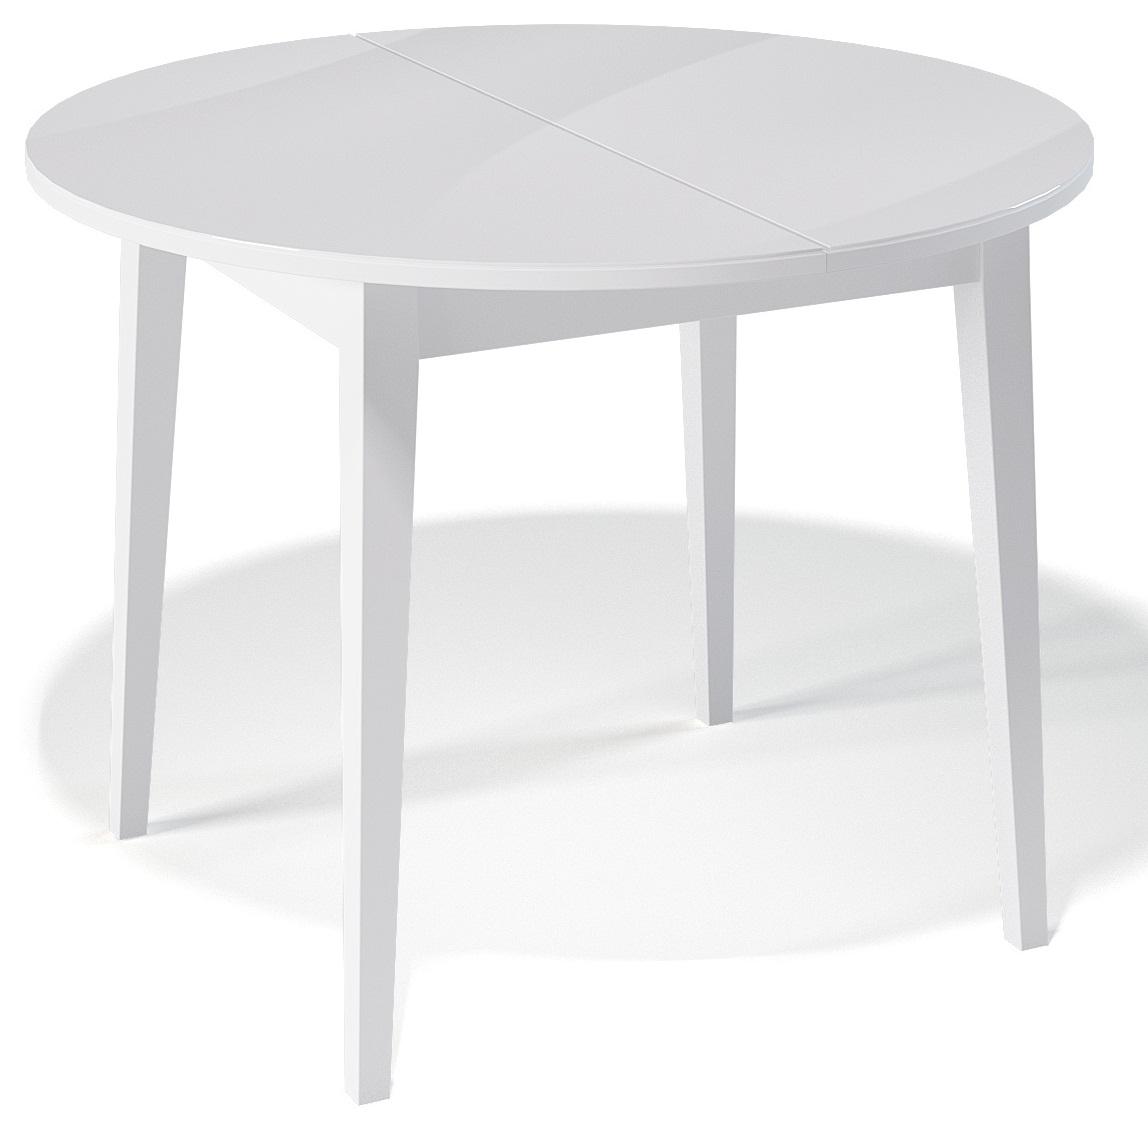 Стол круглый 100 см. кухонный белый раздвижной, стекло/дерево (арт. М4262)